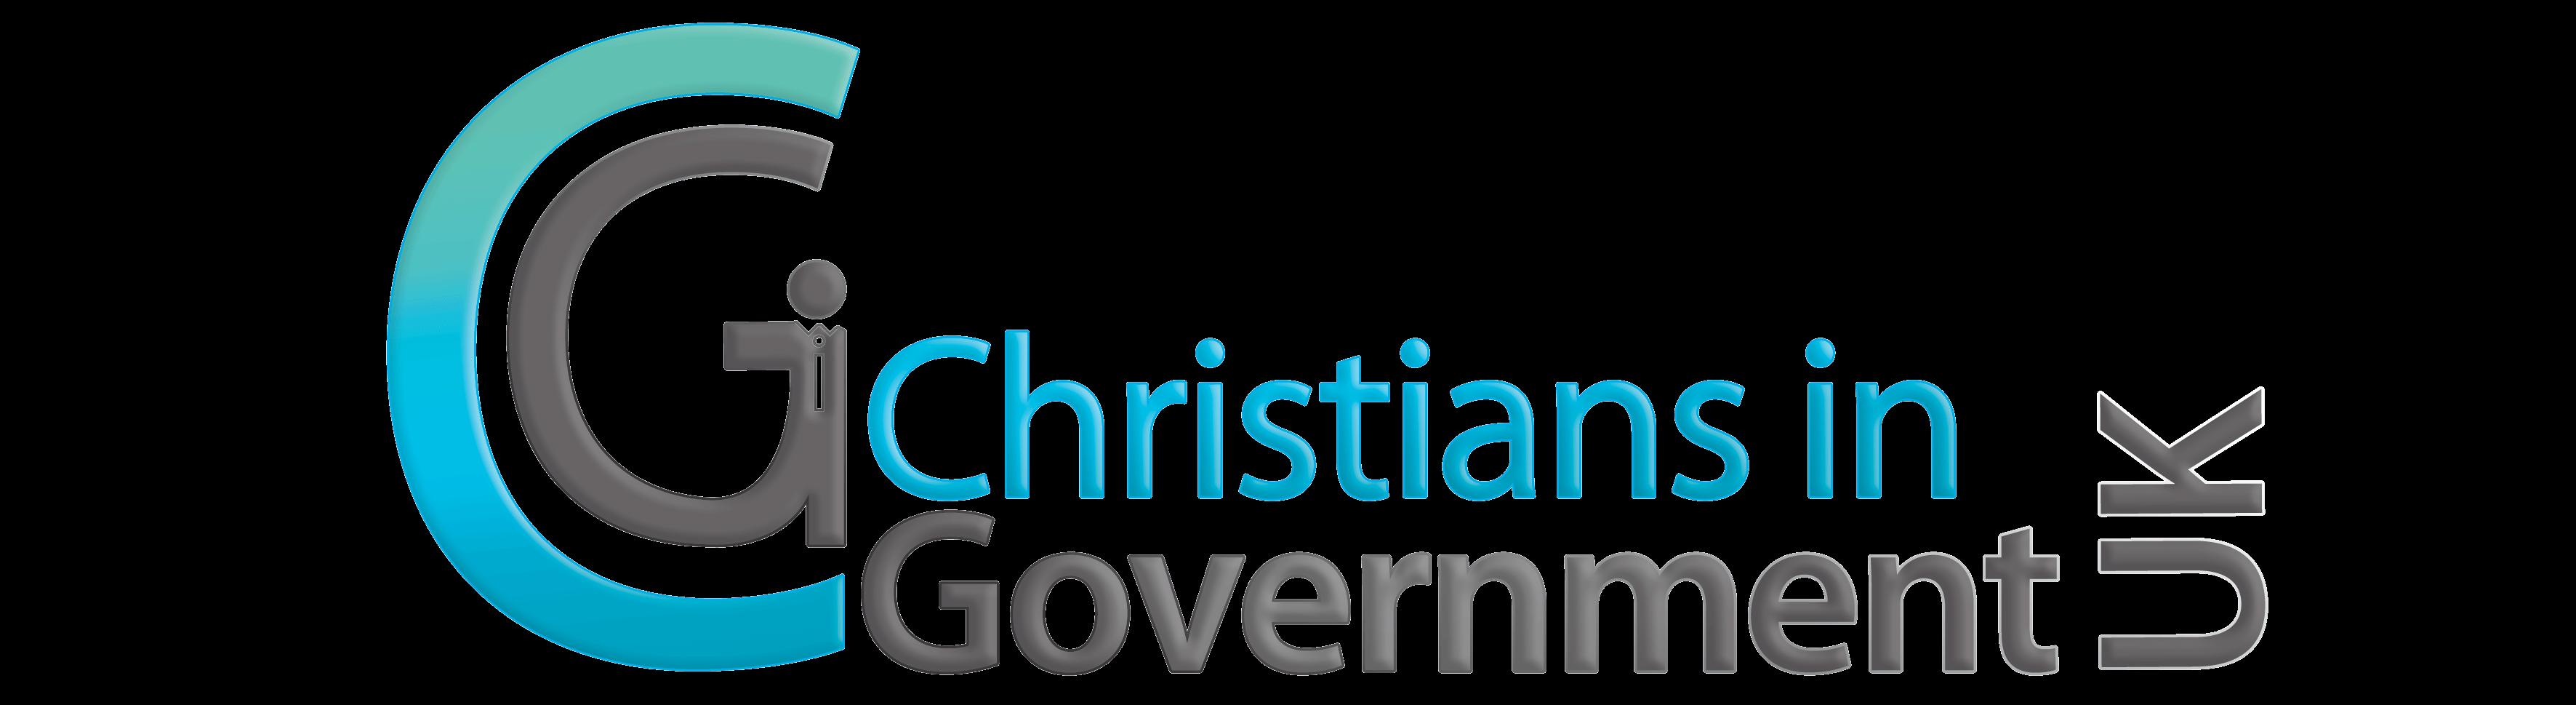 christiansingovernment.org.uk